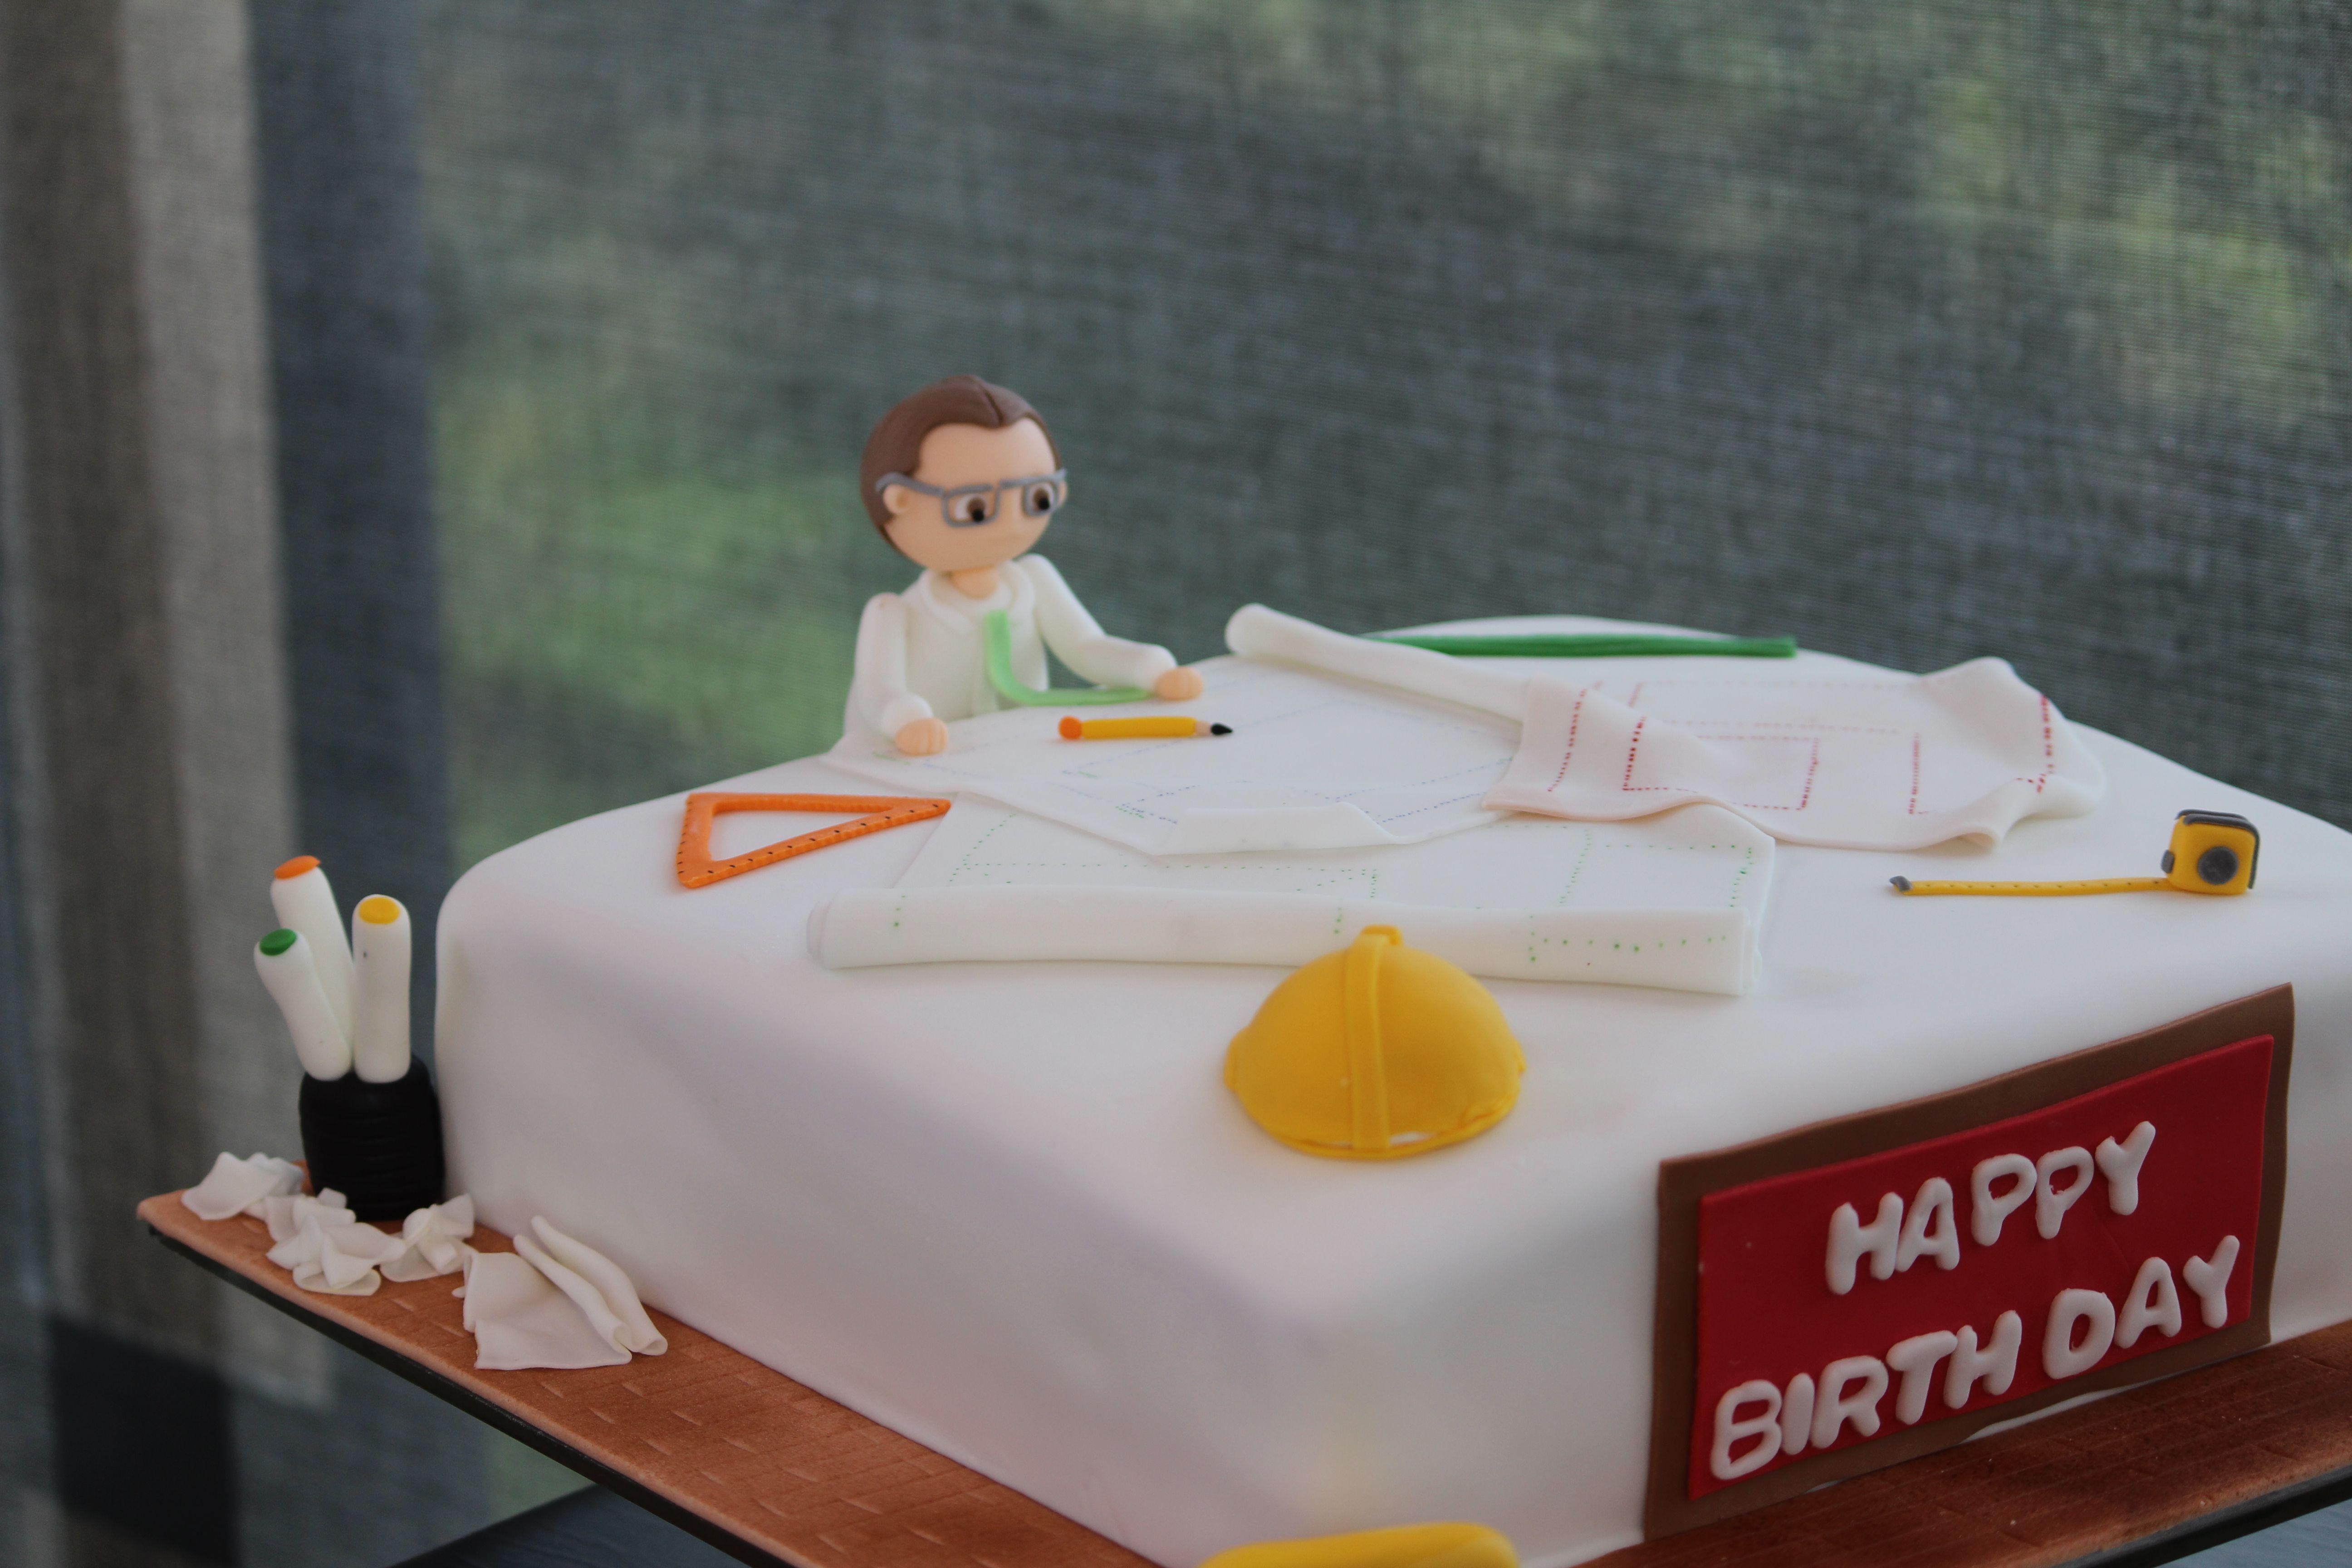 Cake Design For Civil Engineer : Engineer Cake Mocka - Arte en Az?car Pinterest